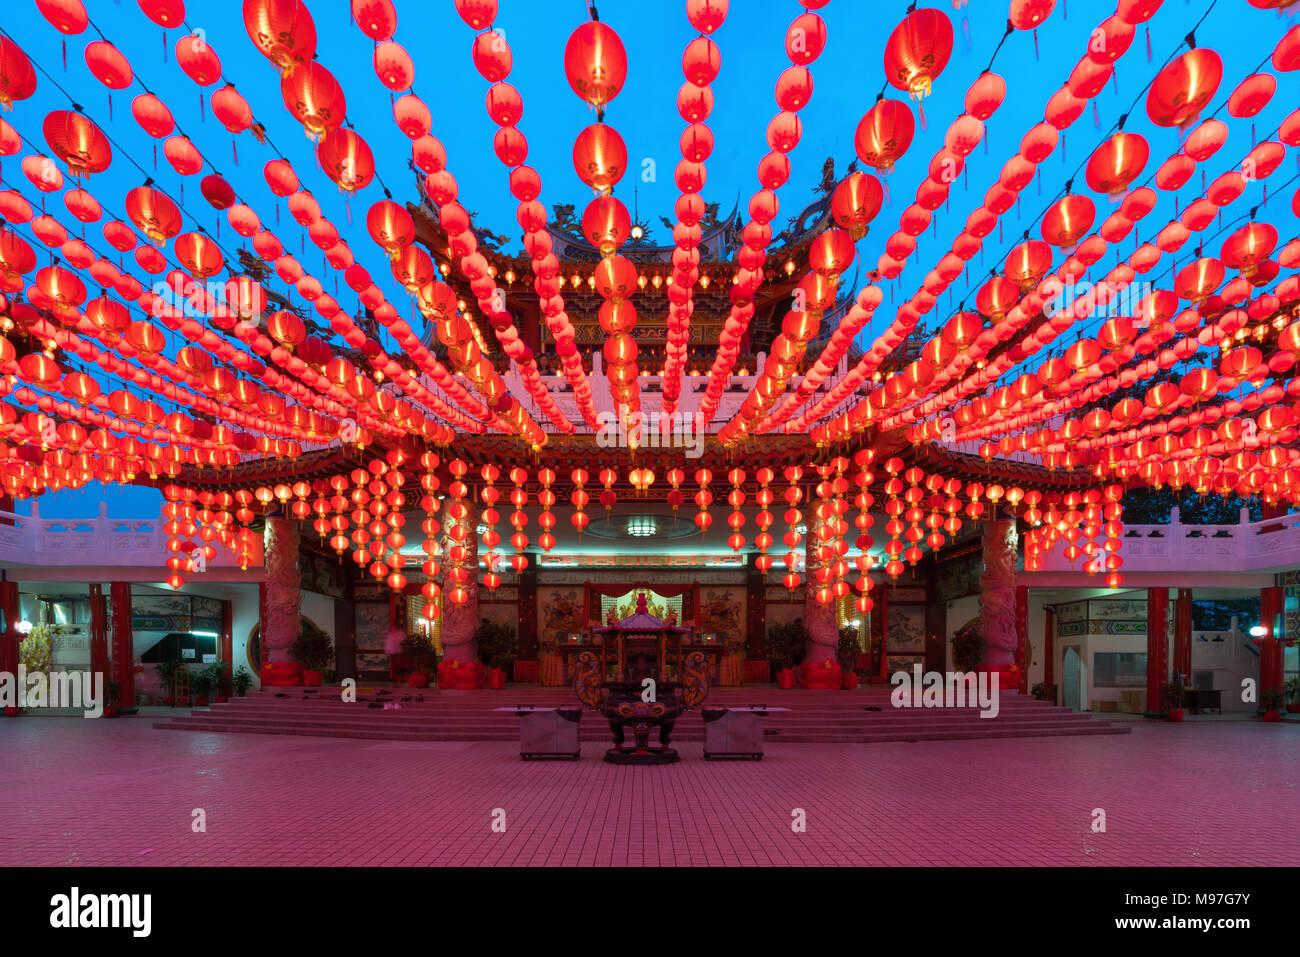 Cinese tradizionale lanterne in visualizzazione Thean Hou Tempio illuminato per il nuovo anno cinese festival, Kuala Lumpur, Malesia. Immagini Stock